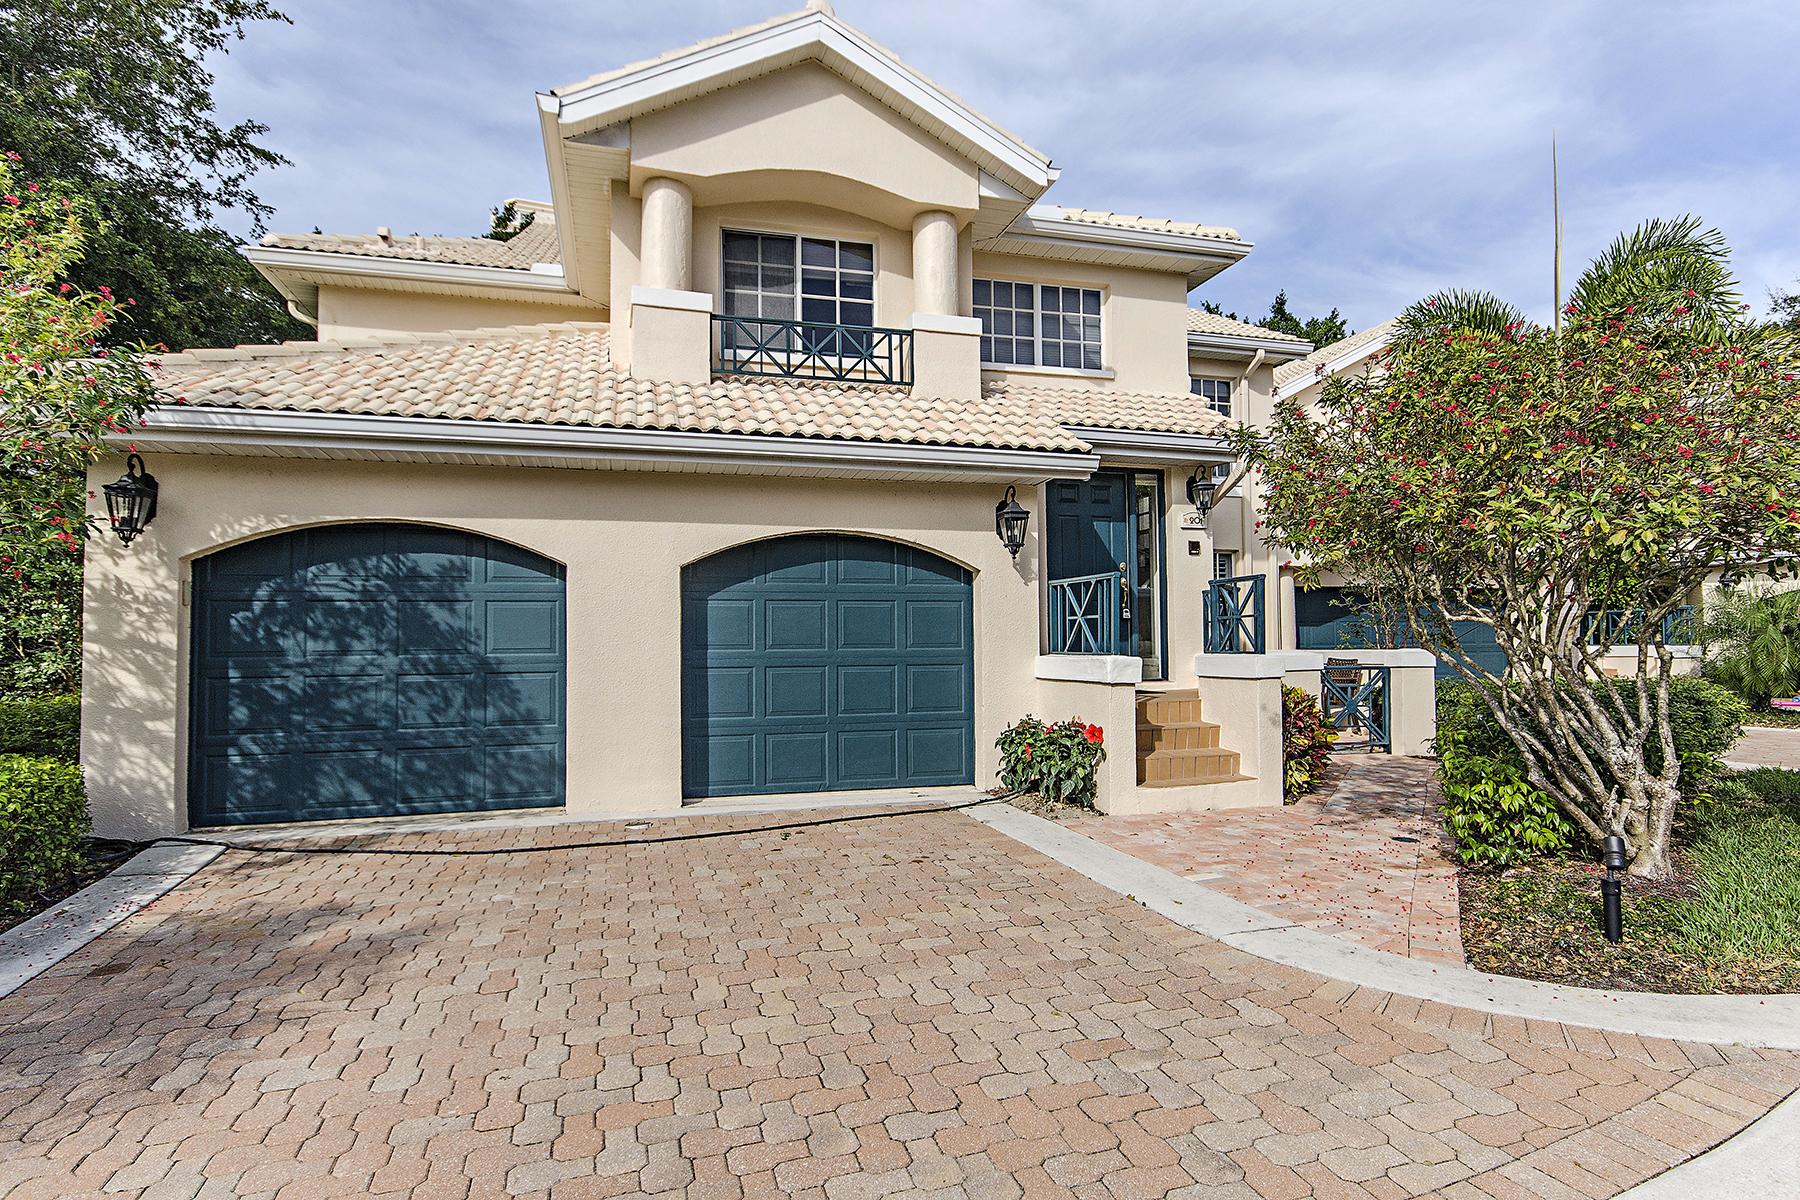 共管式独立产权公寓 为 销售 在 Naples 6855 San Marino Dr 201B 那不勒斯, 佛罗里达州, 34108 美国